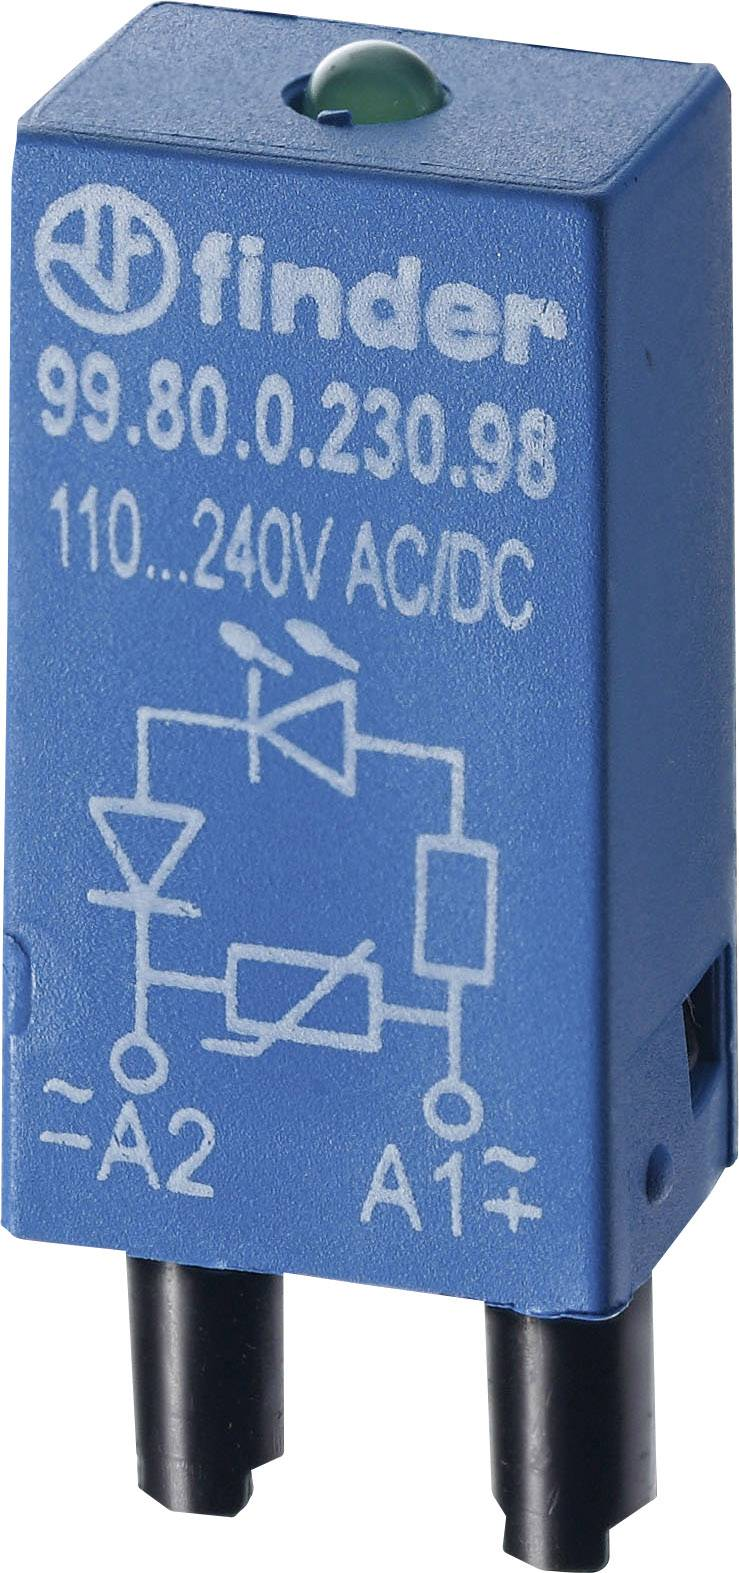 Zasouvací modul s diodou Finder 99.80.0.230.98 Barva světla: zelená